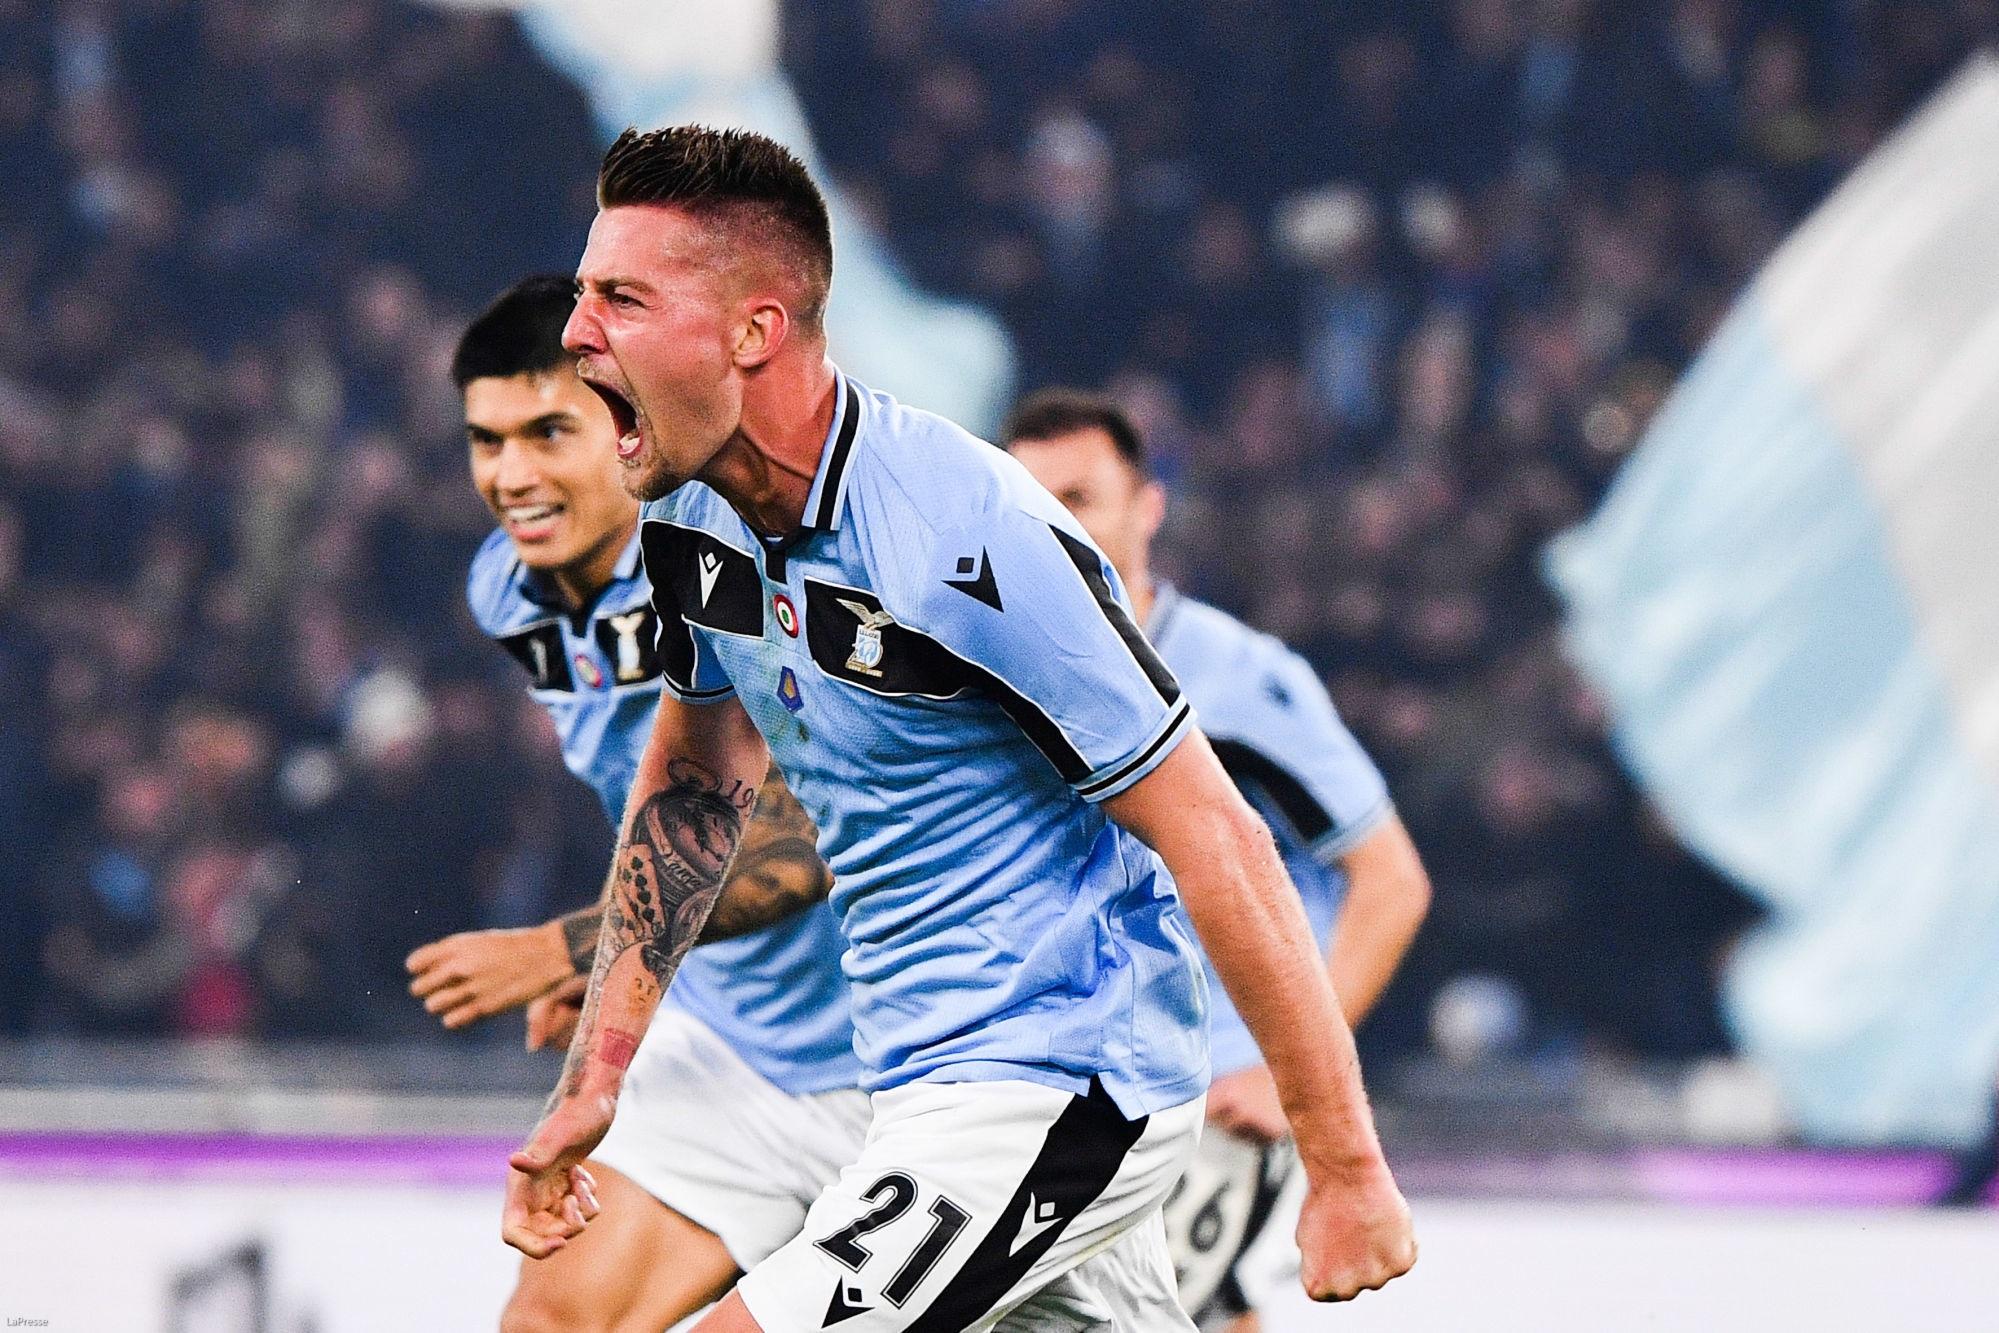 Mercato - La Lazio Rome évoque l'éventuel transfert de Milinkovic-Savic